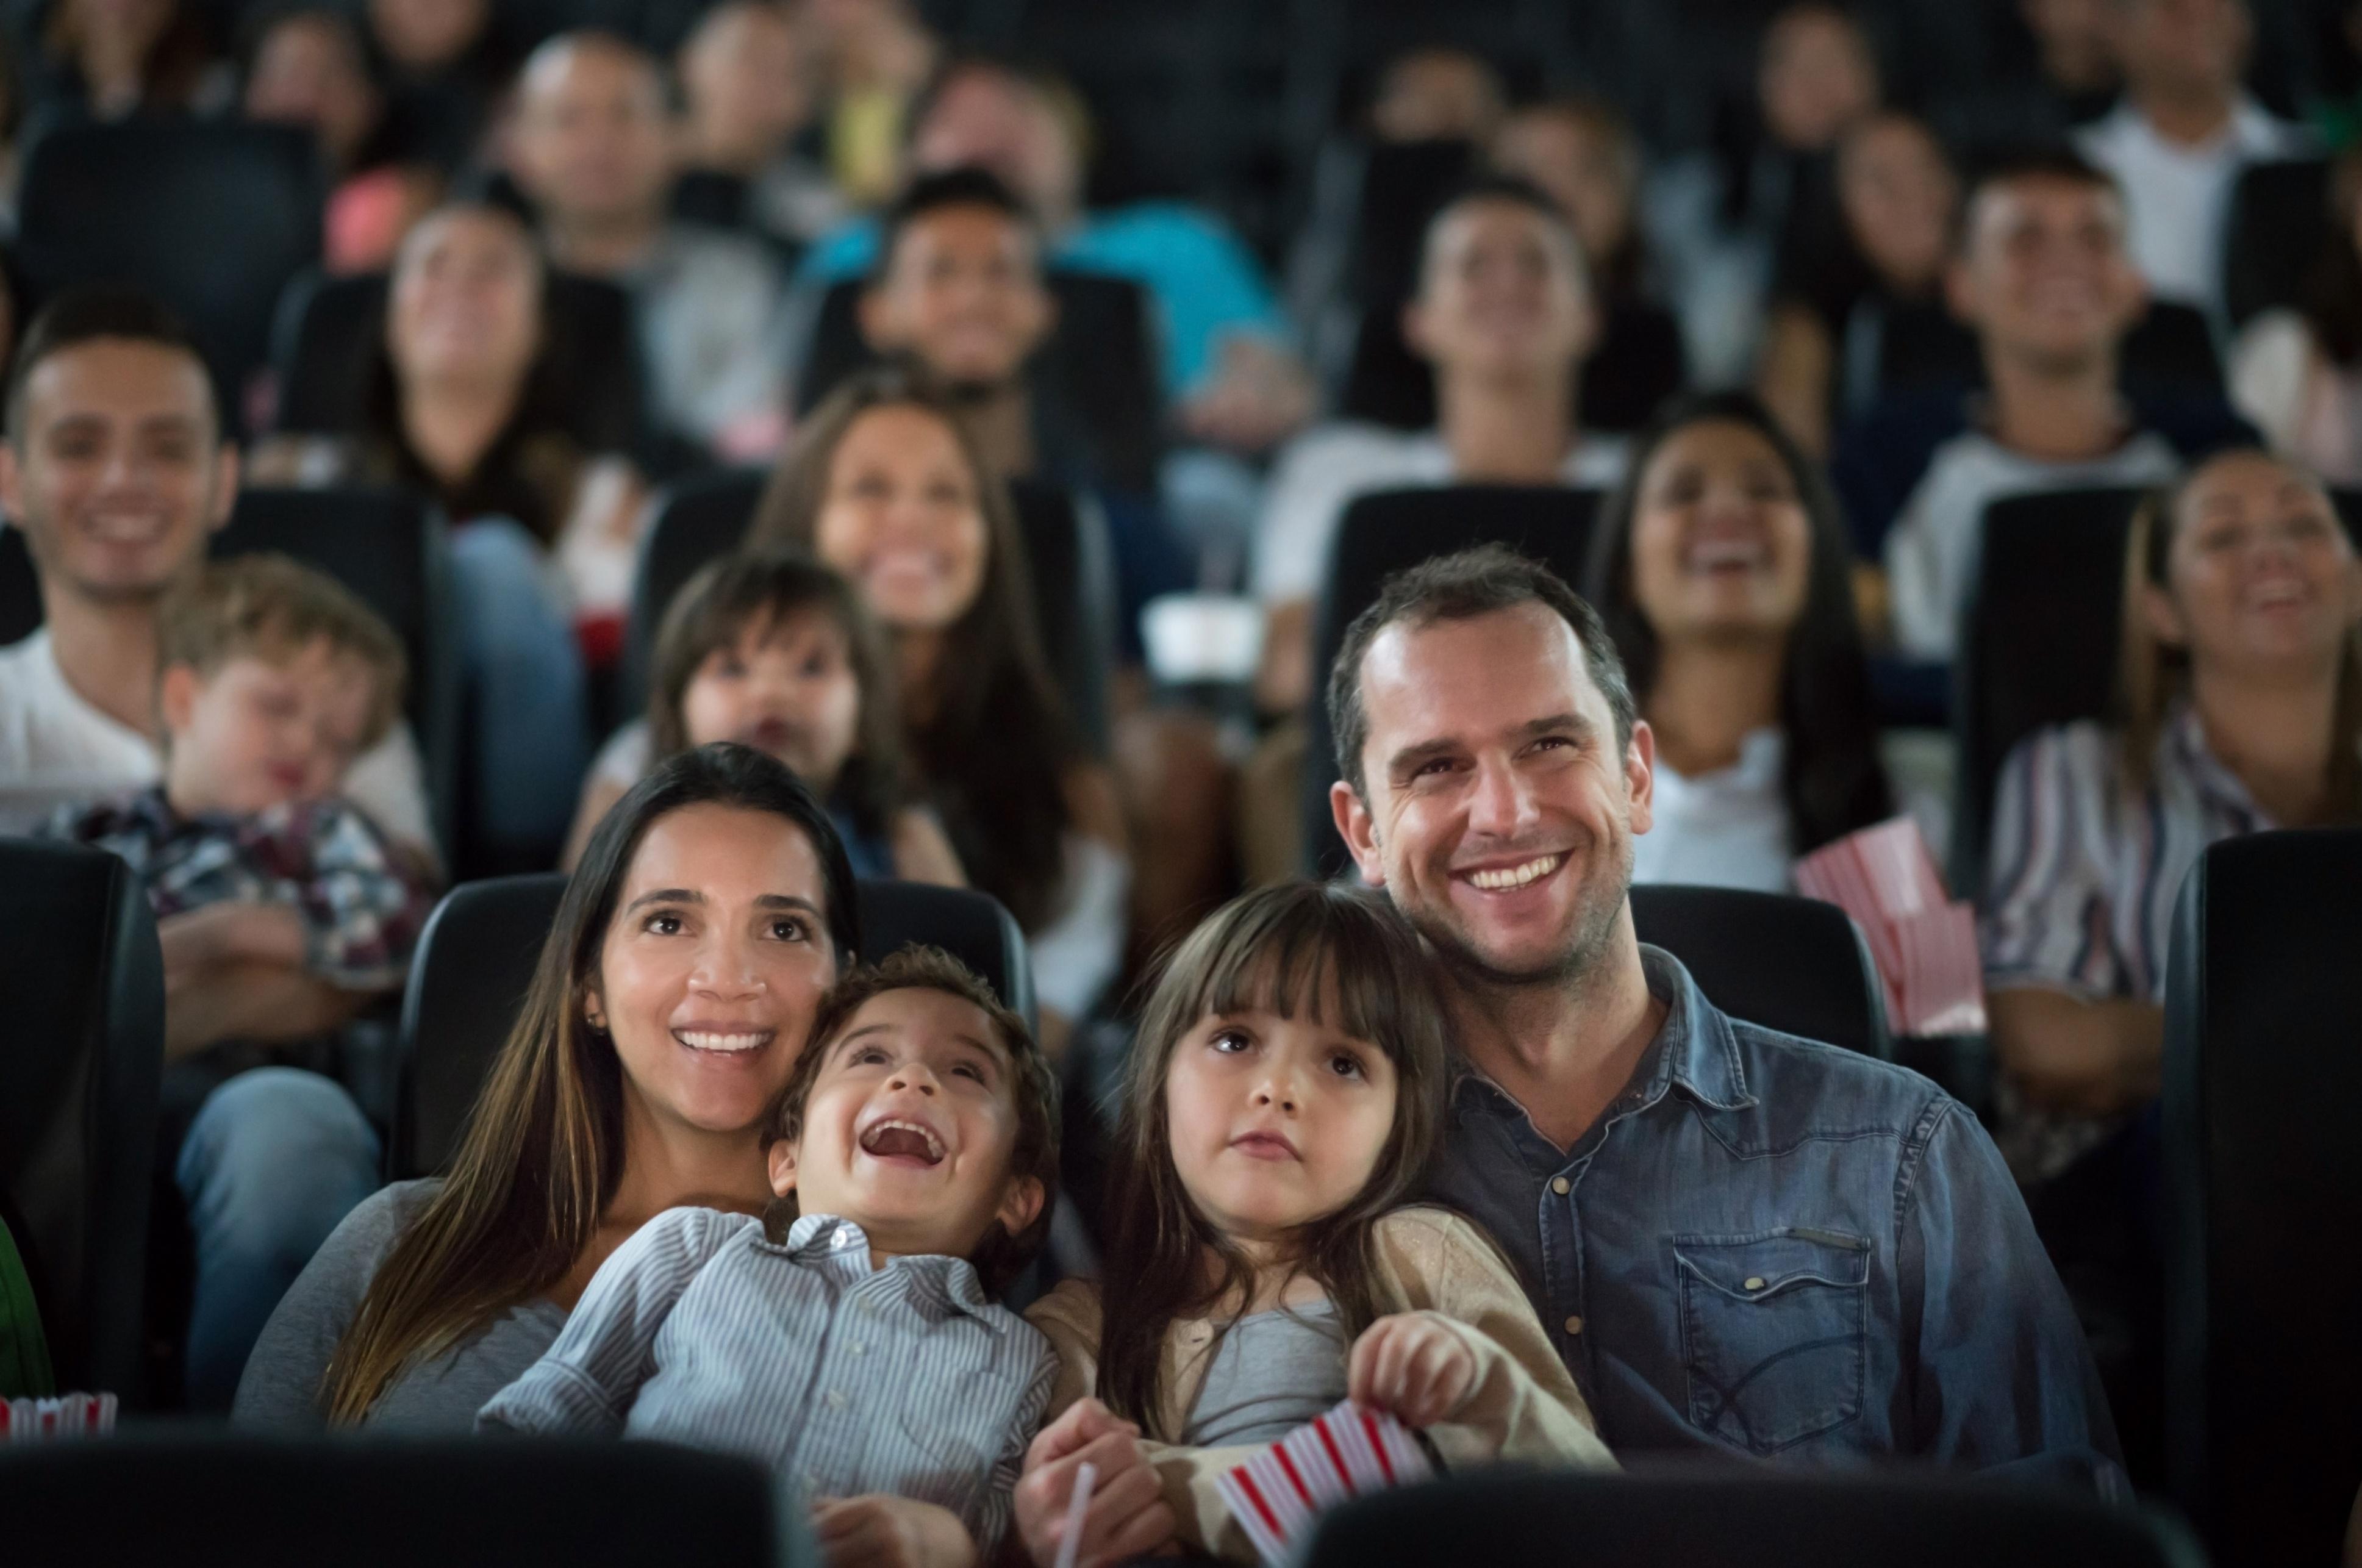 frozen-beverage-dispenser--movie-theater